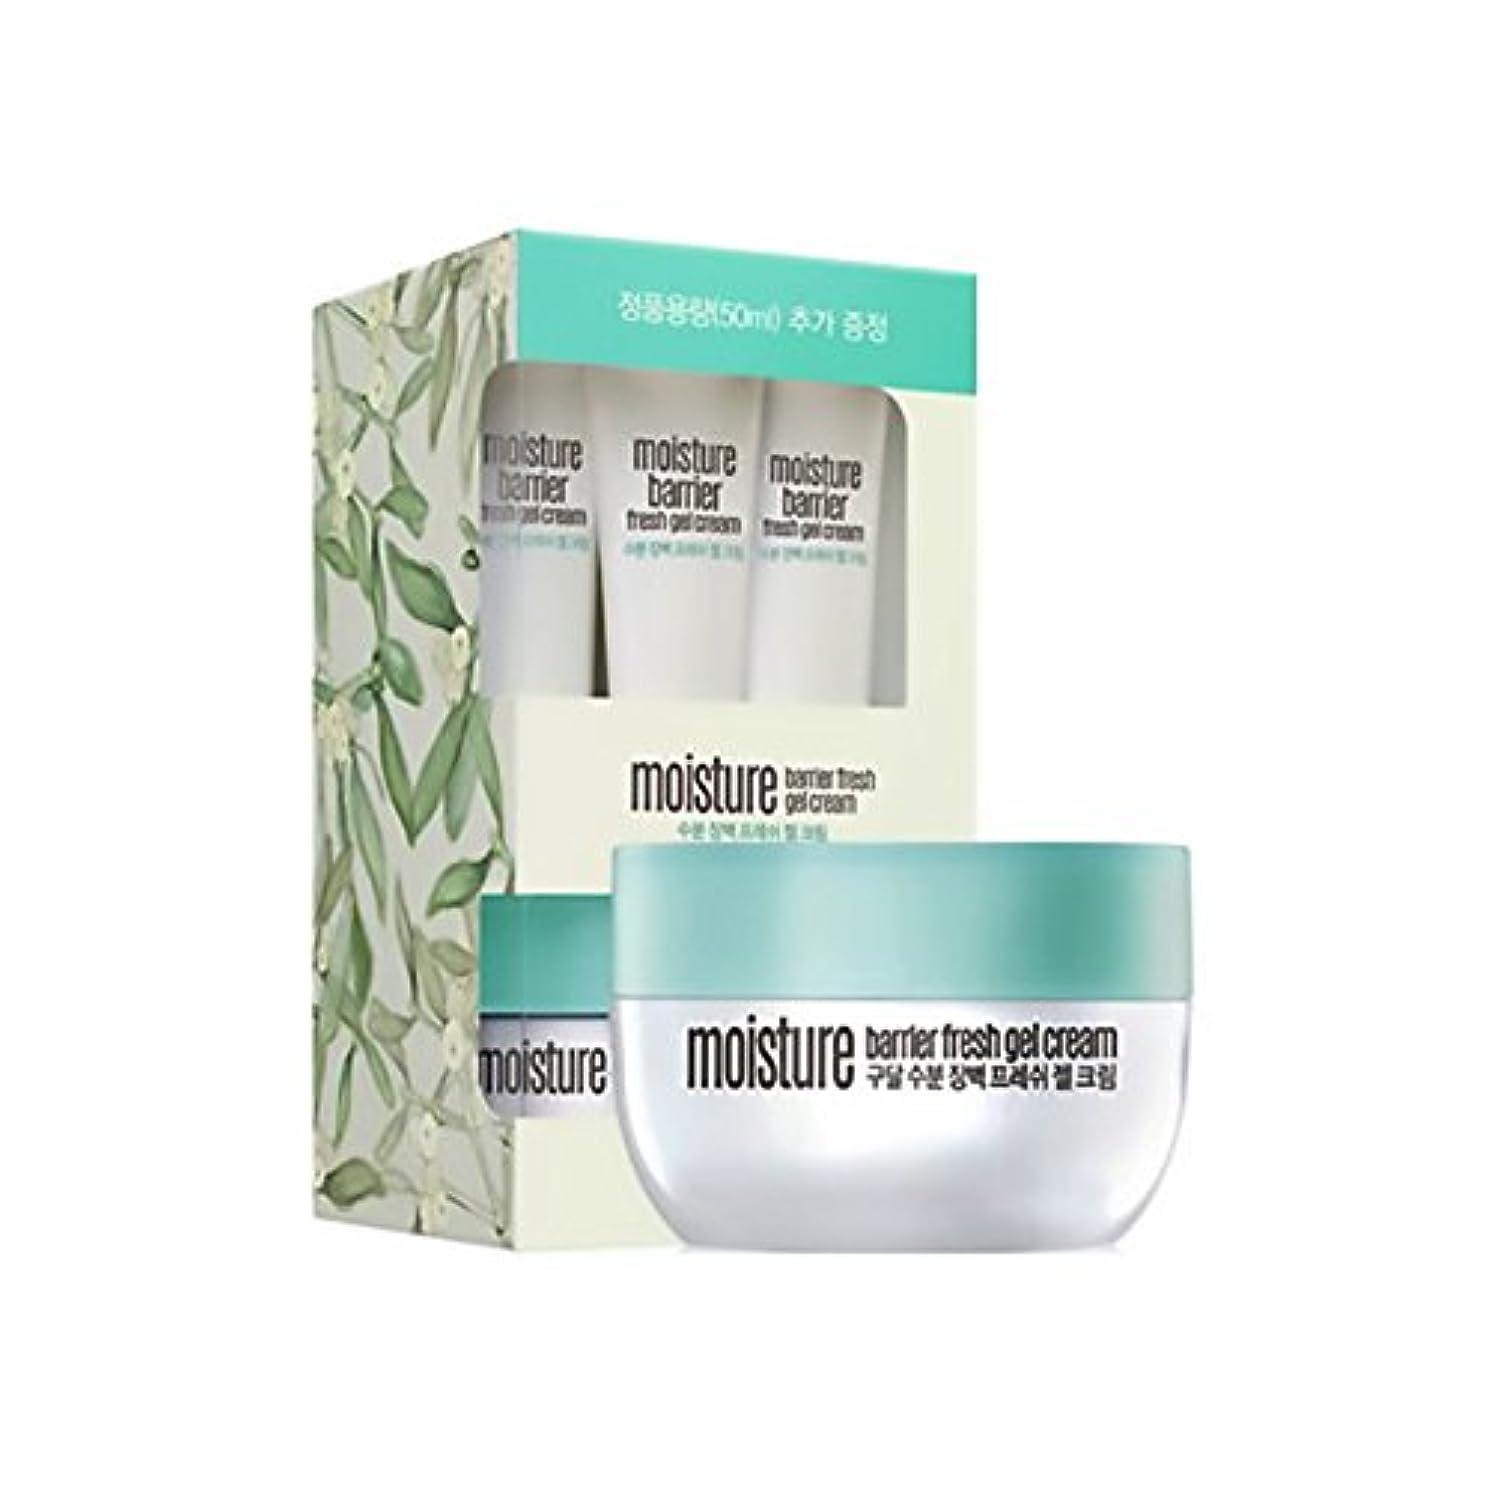 懐実質的に集計goodal moisture barrier fresh gel cream set